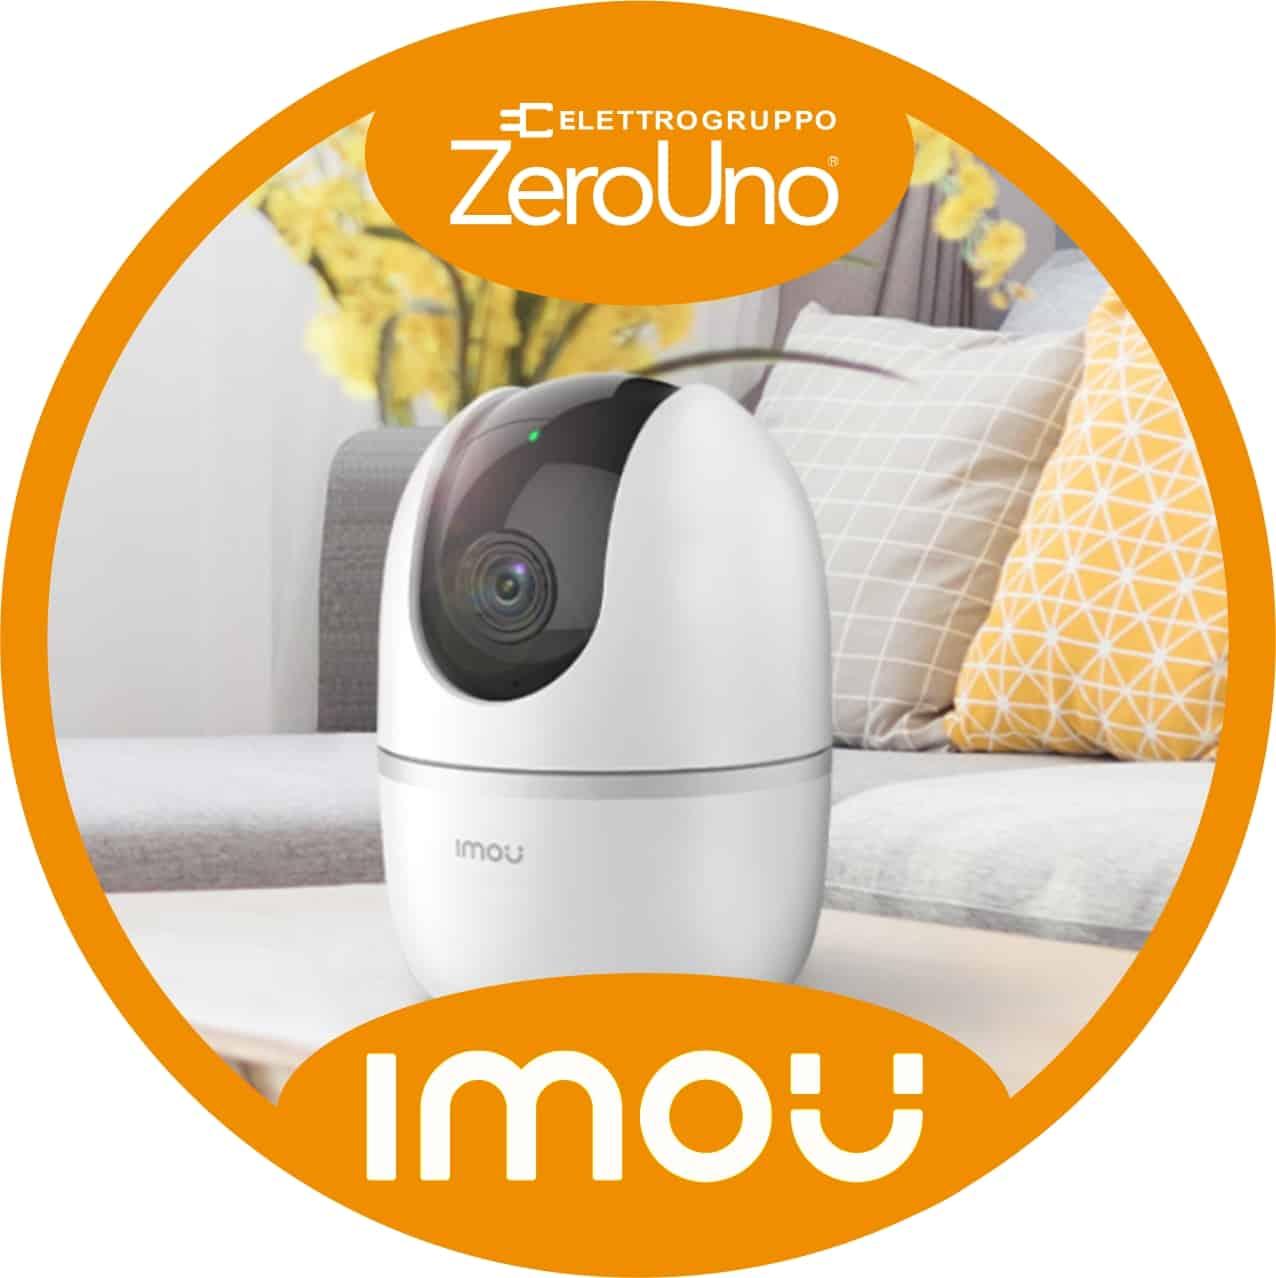 IMOU: Telecamere Intelligenti ed Economiche   ZeroUno   Beinasco  Torino  imou telecamere img principale 01